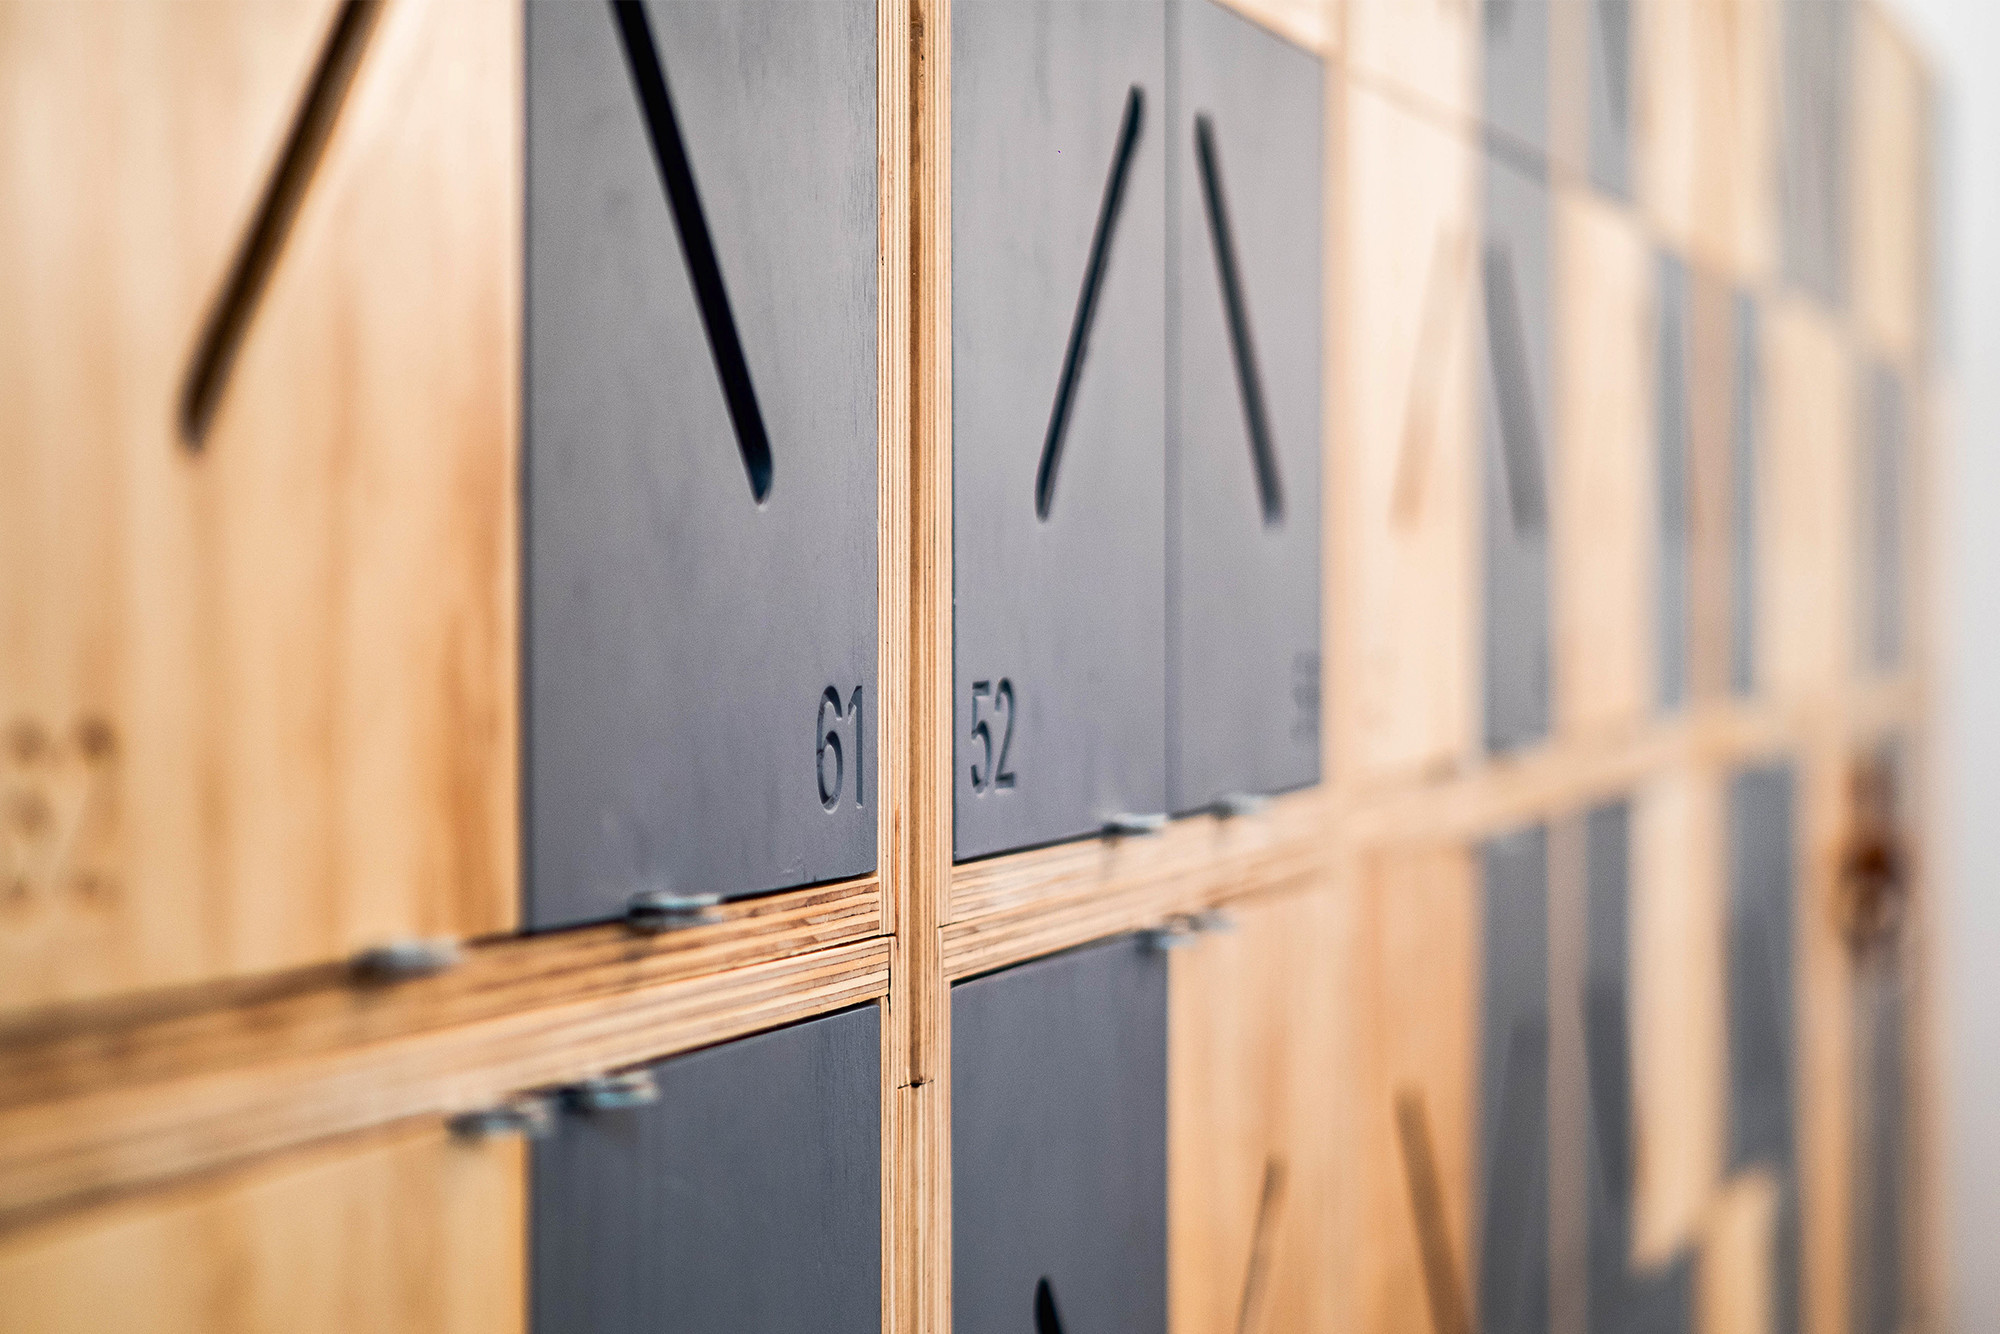 嘉義健身房室內空間設計-置物櫃設計細部照片|塔索肌力與體能訓練中心